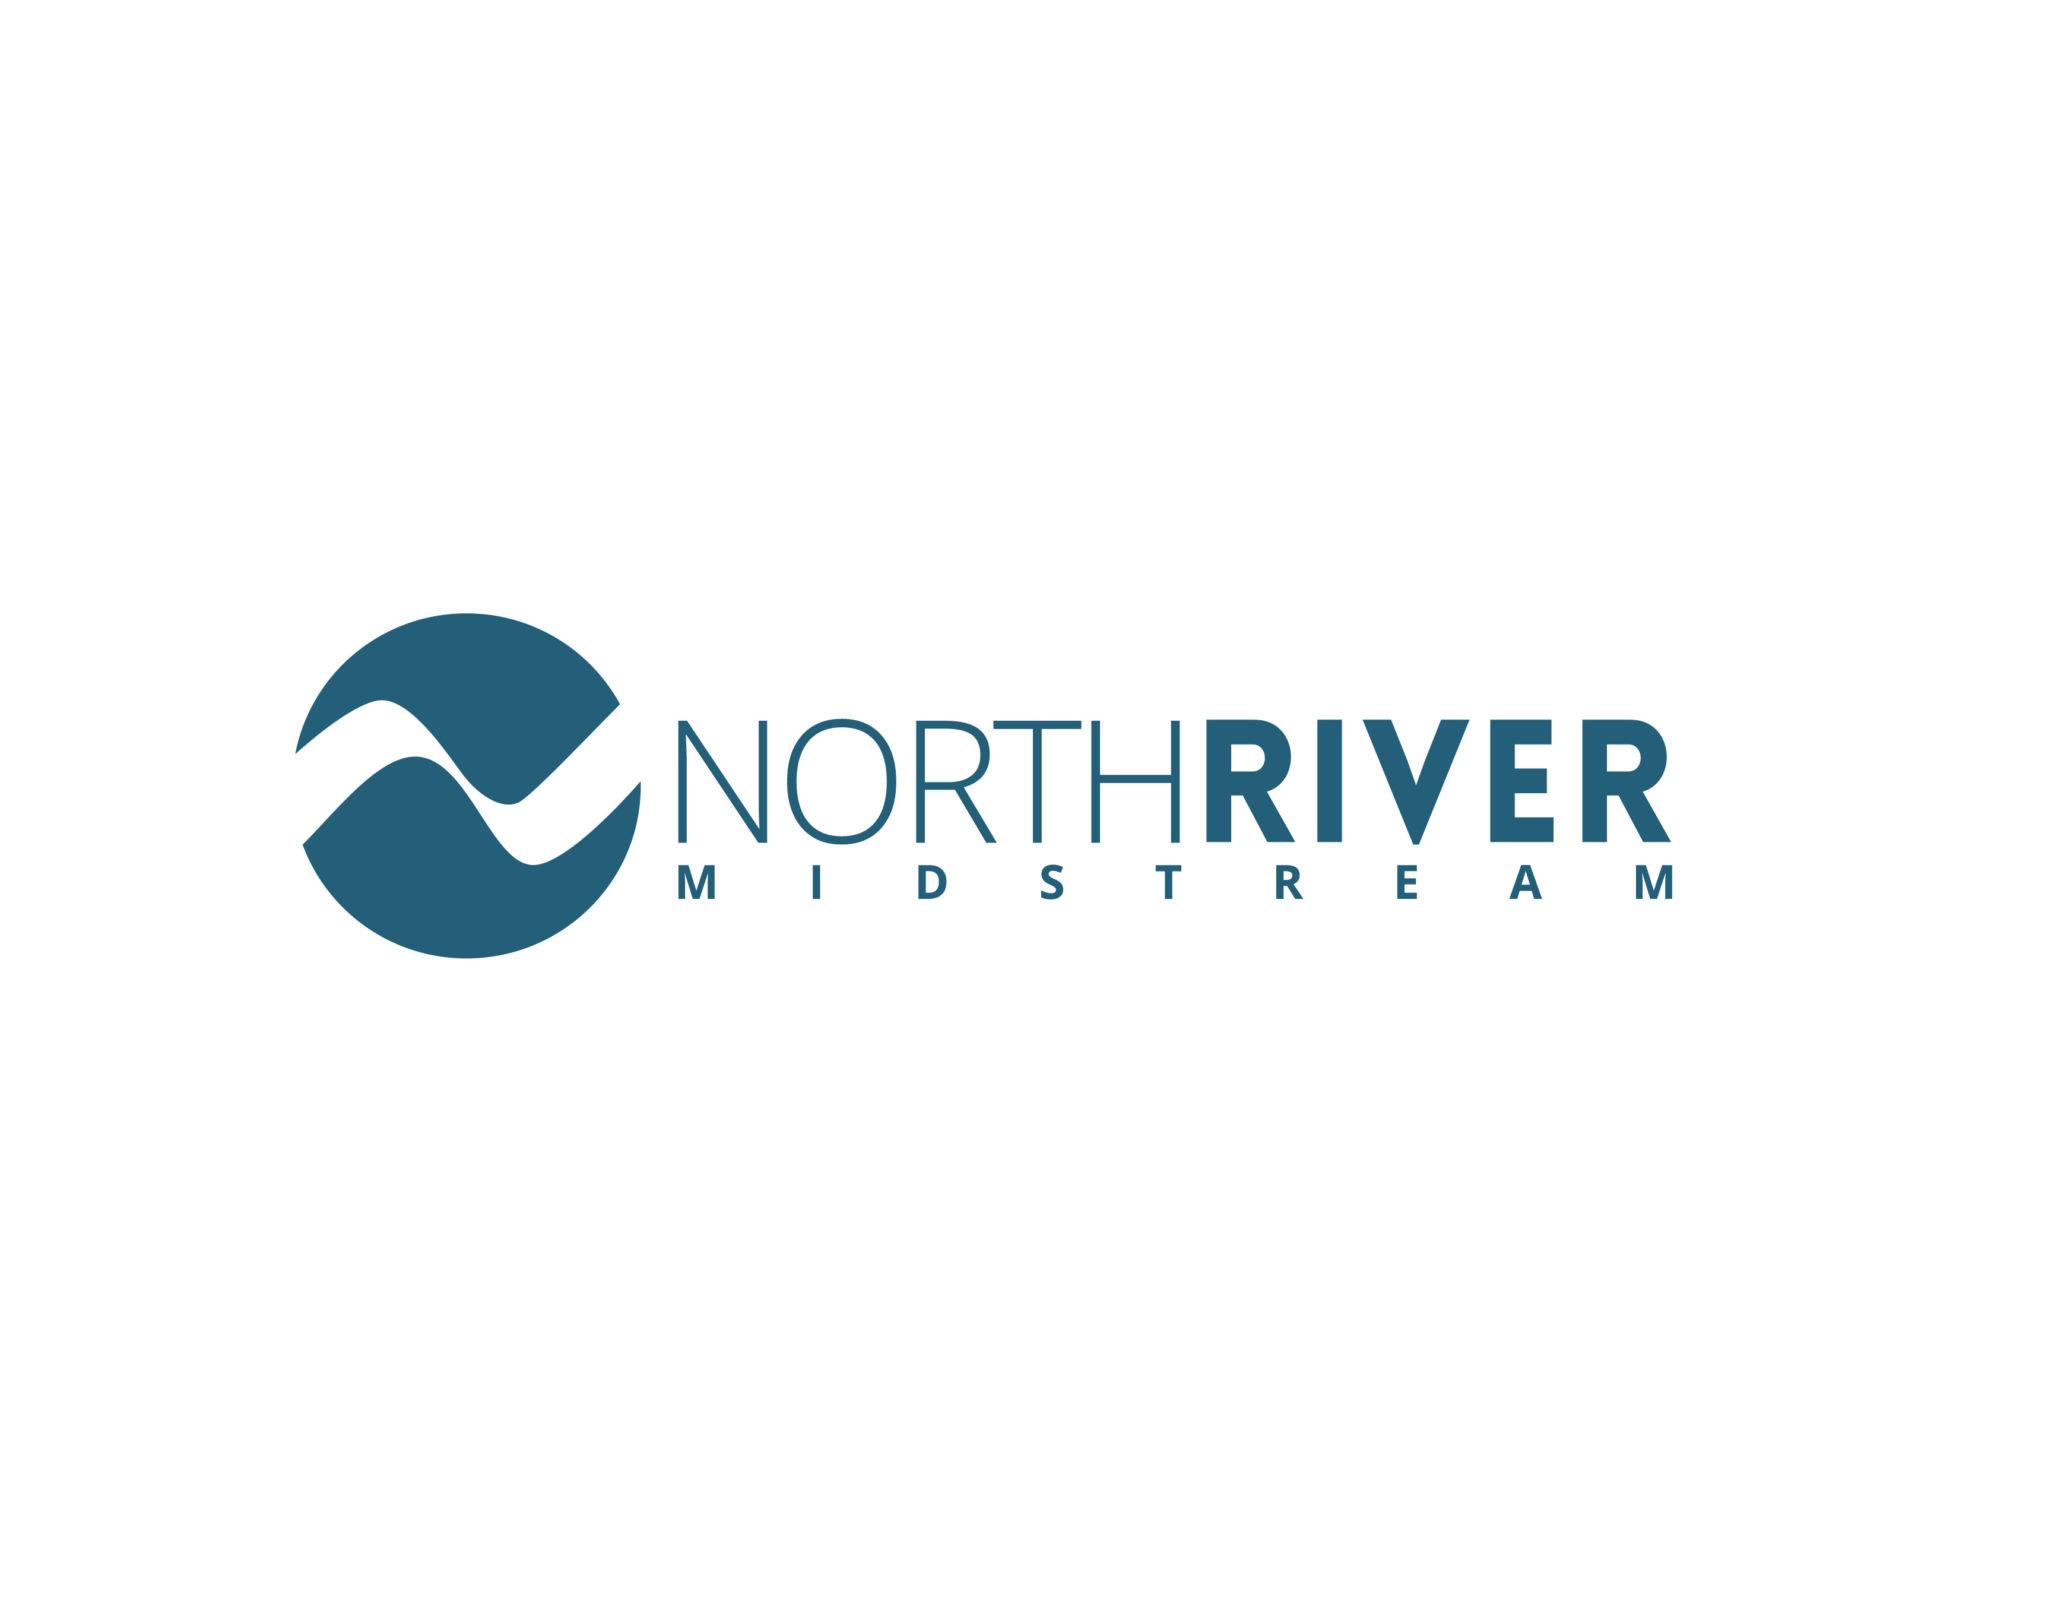 North River Midstream